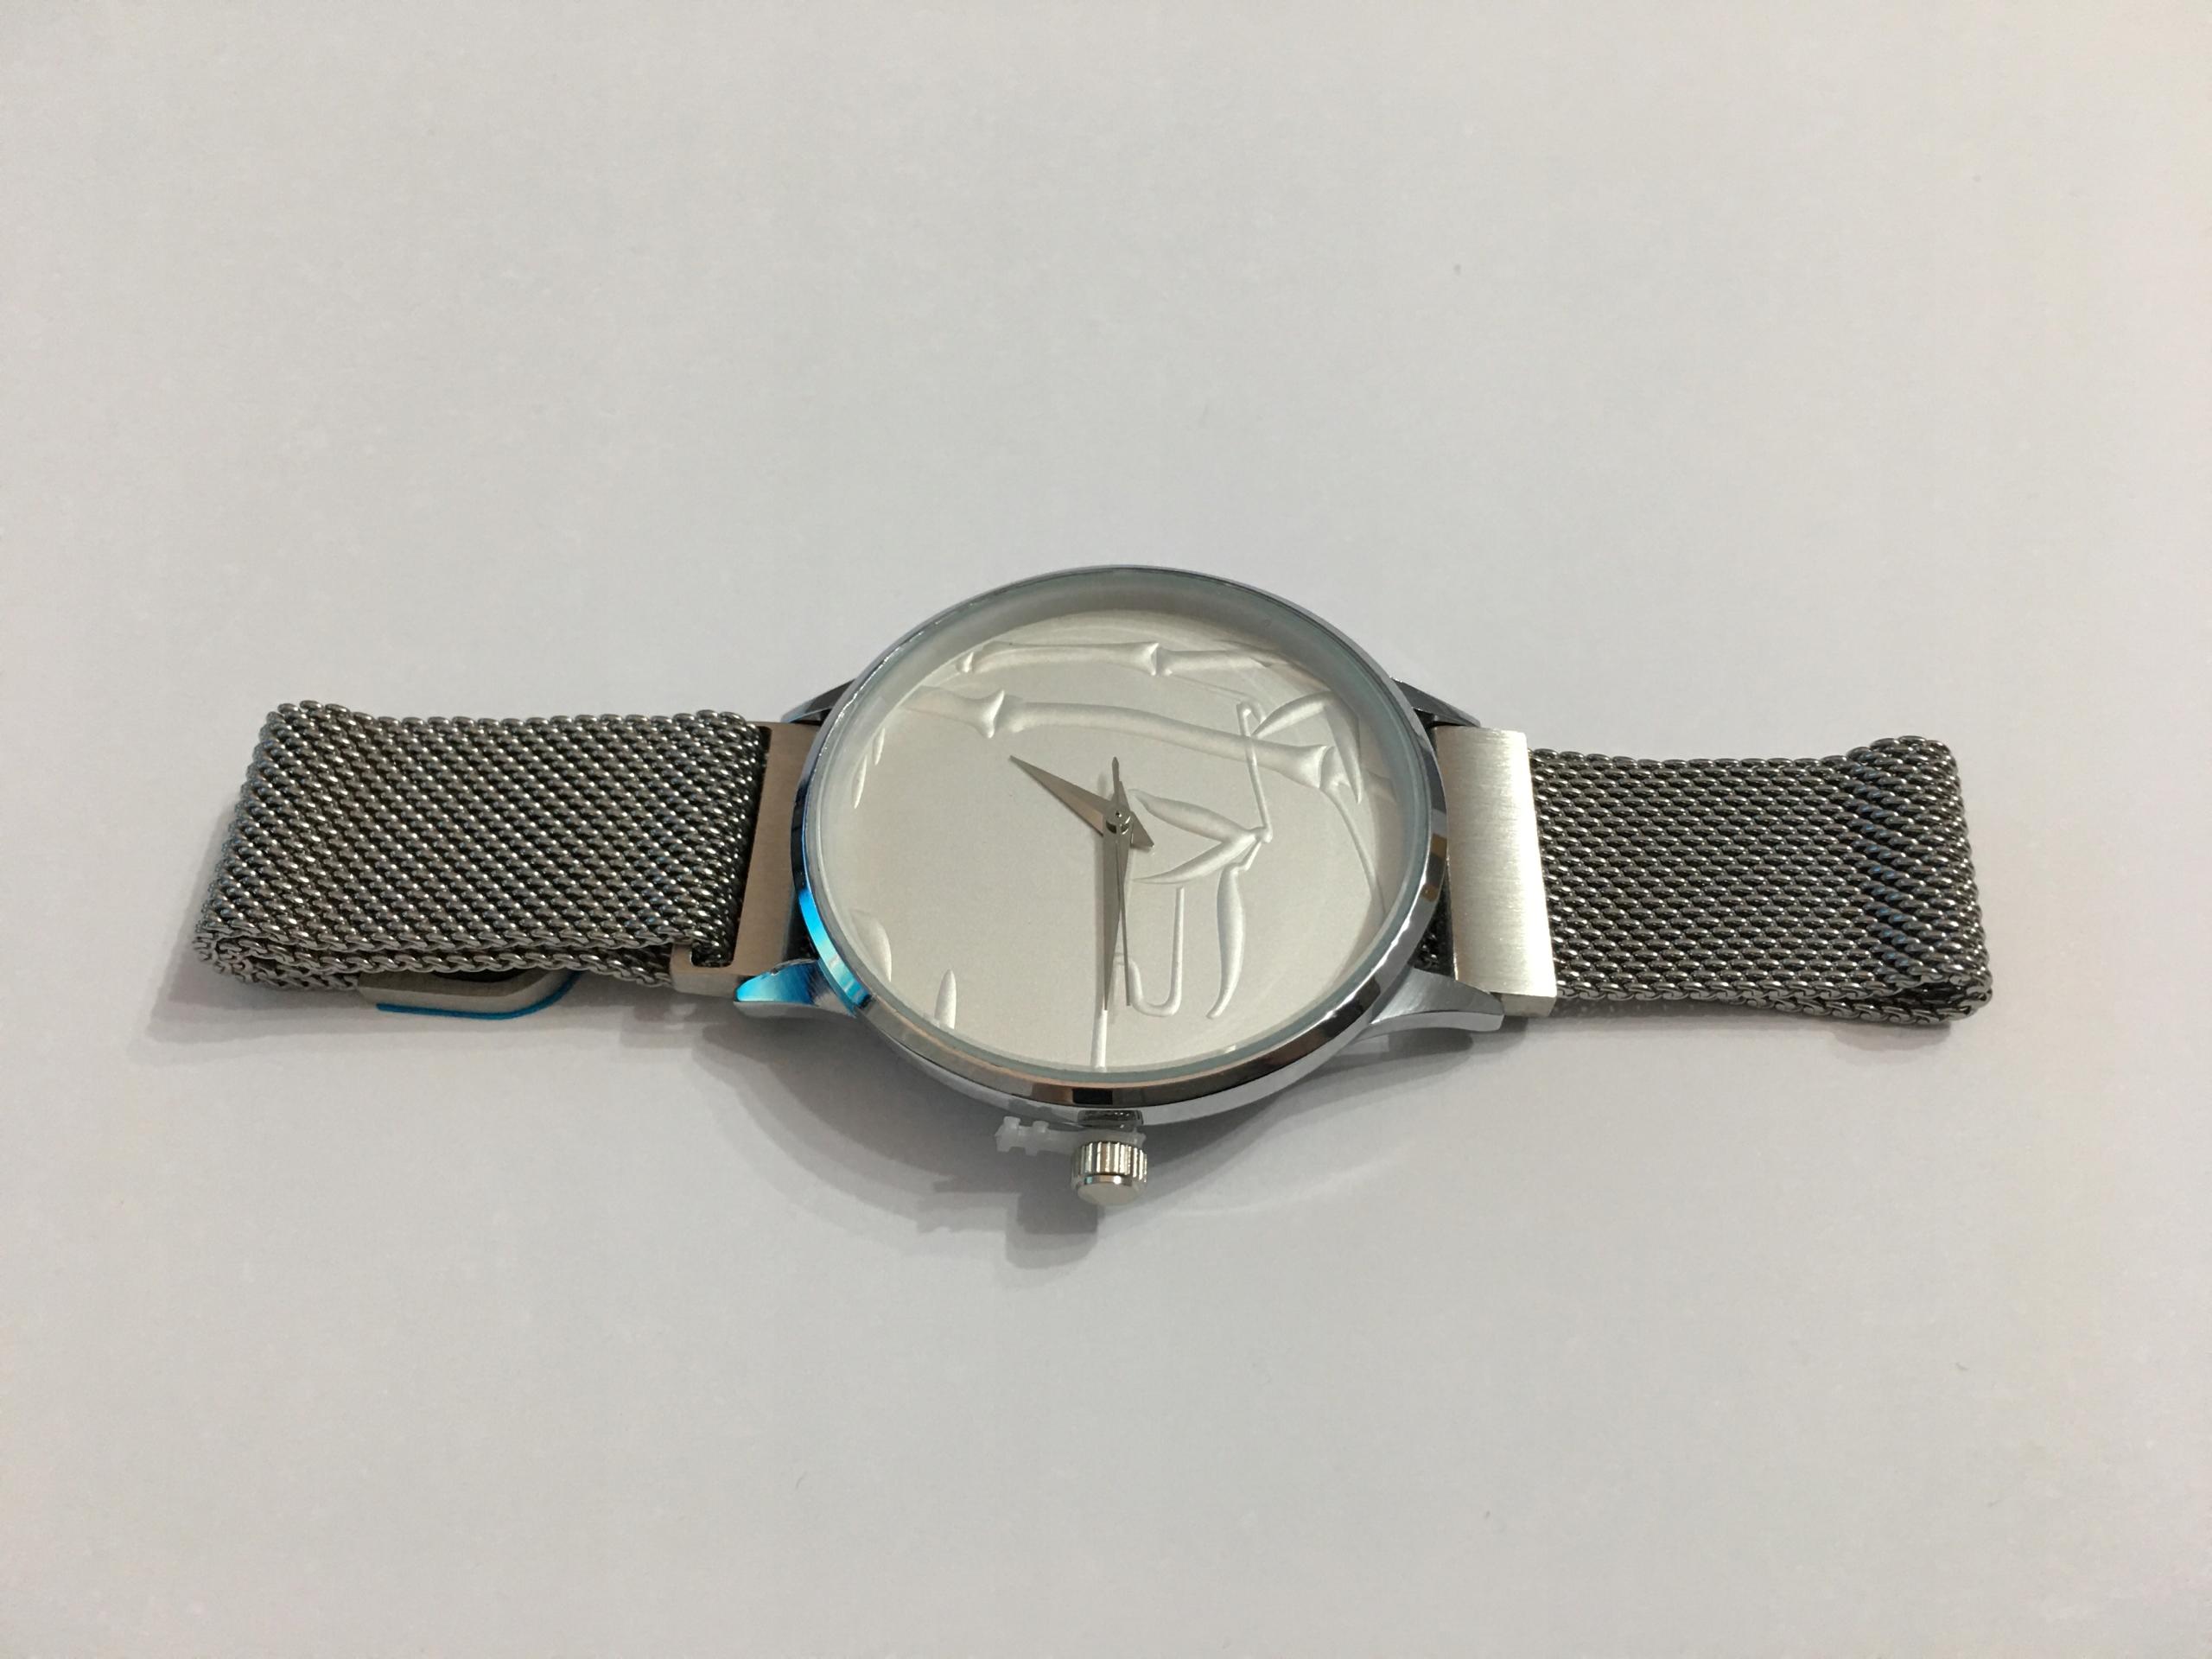 fba920e4c63cff Damski zegarek - Elegancki na srebrnej bransolecie - 7894883702 ...